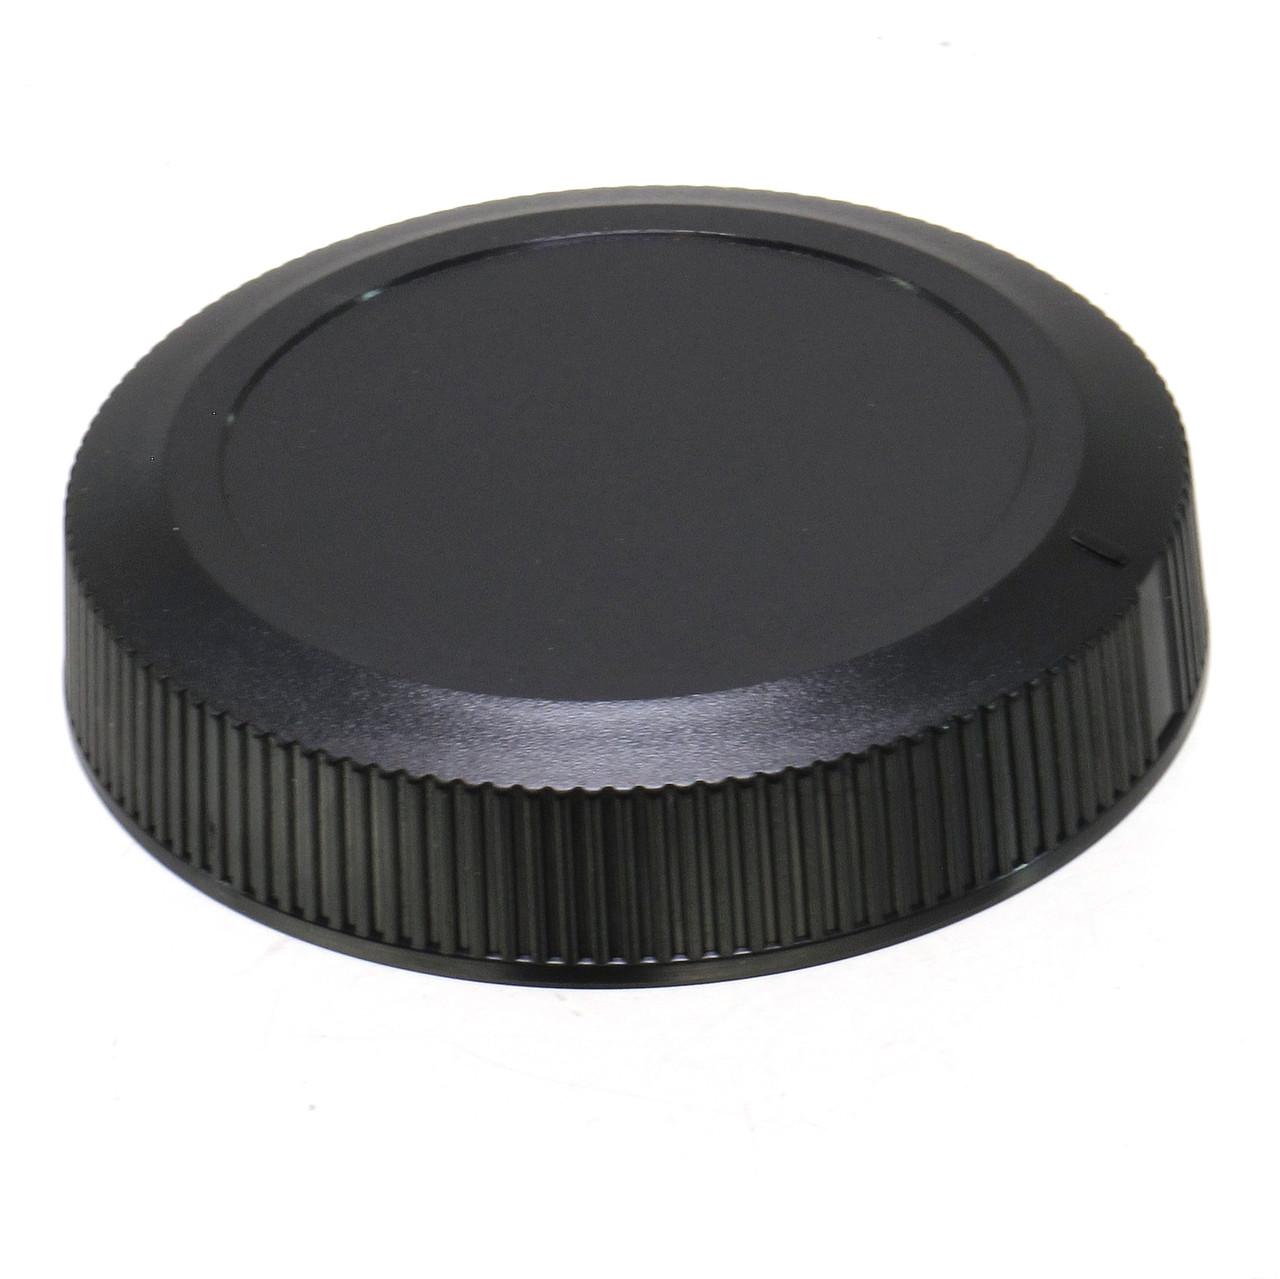 ZUMA CANON R REAR LENS CAP